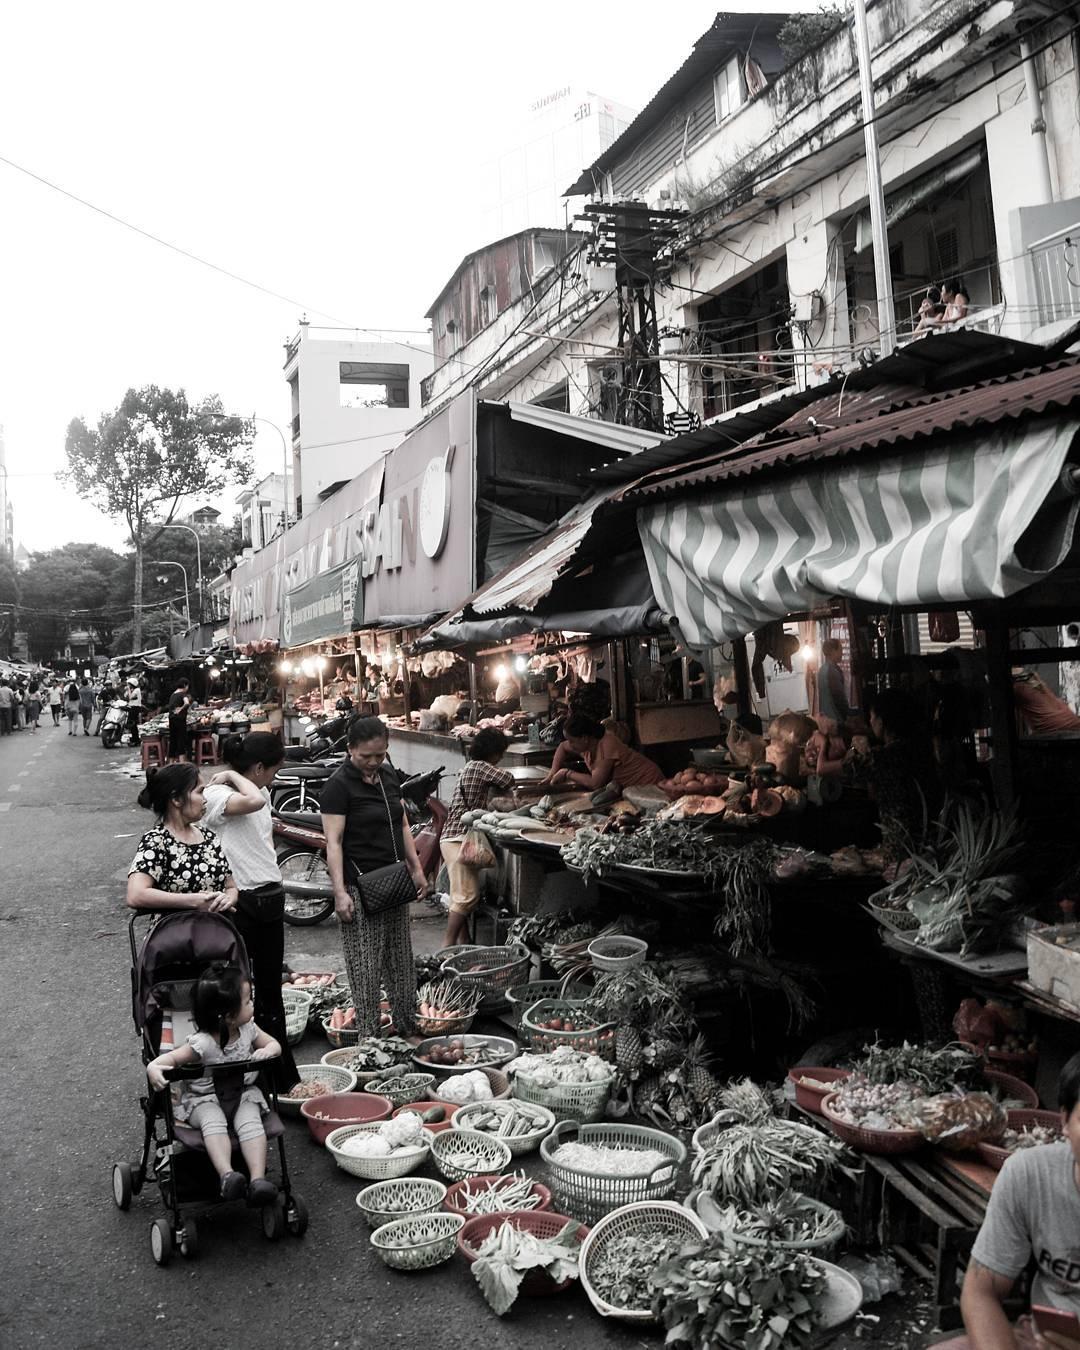 A market under Dario's eyes